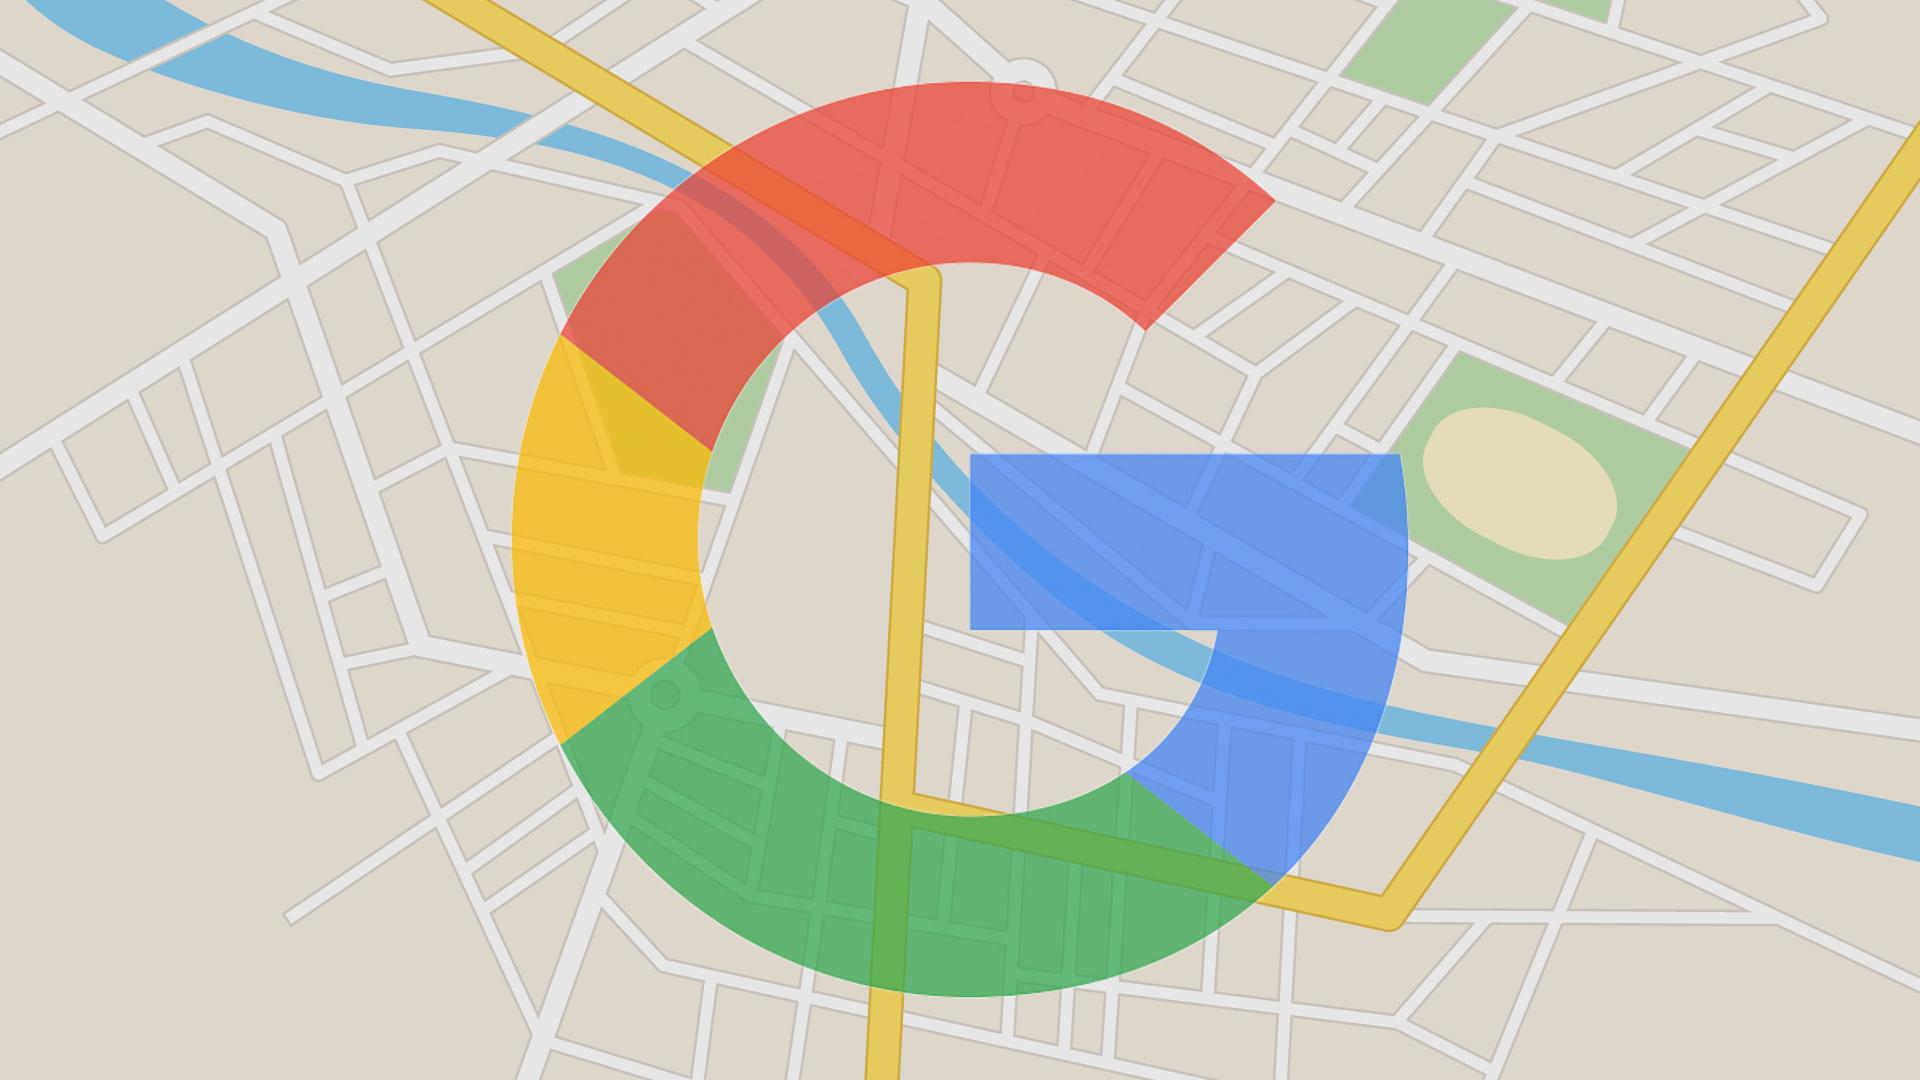 Tribunal da Austrália diz que Google enganou usuários sobre dados de localização